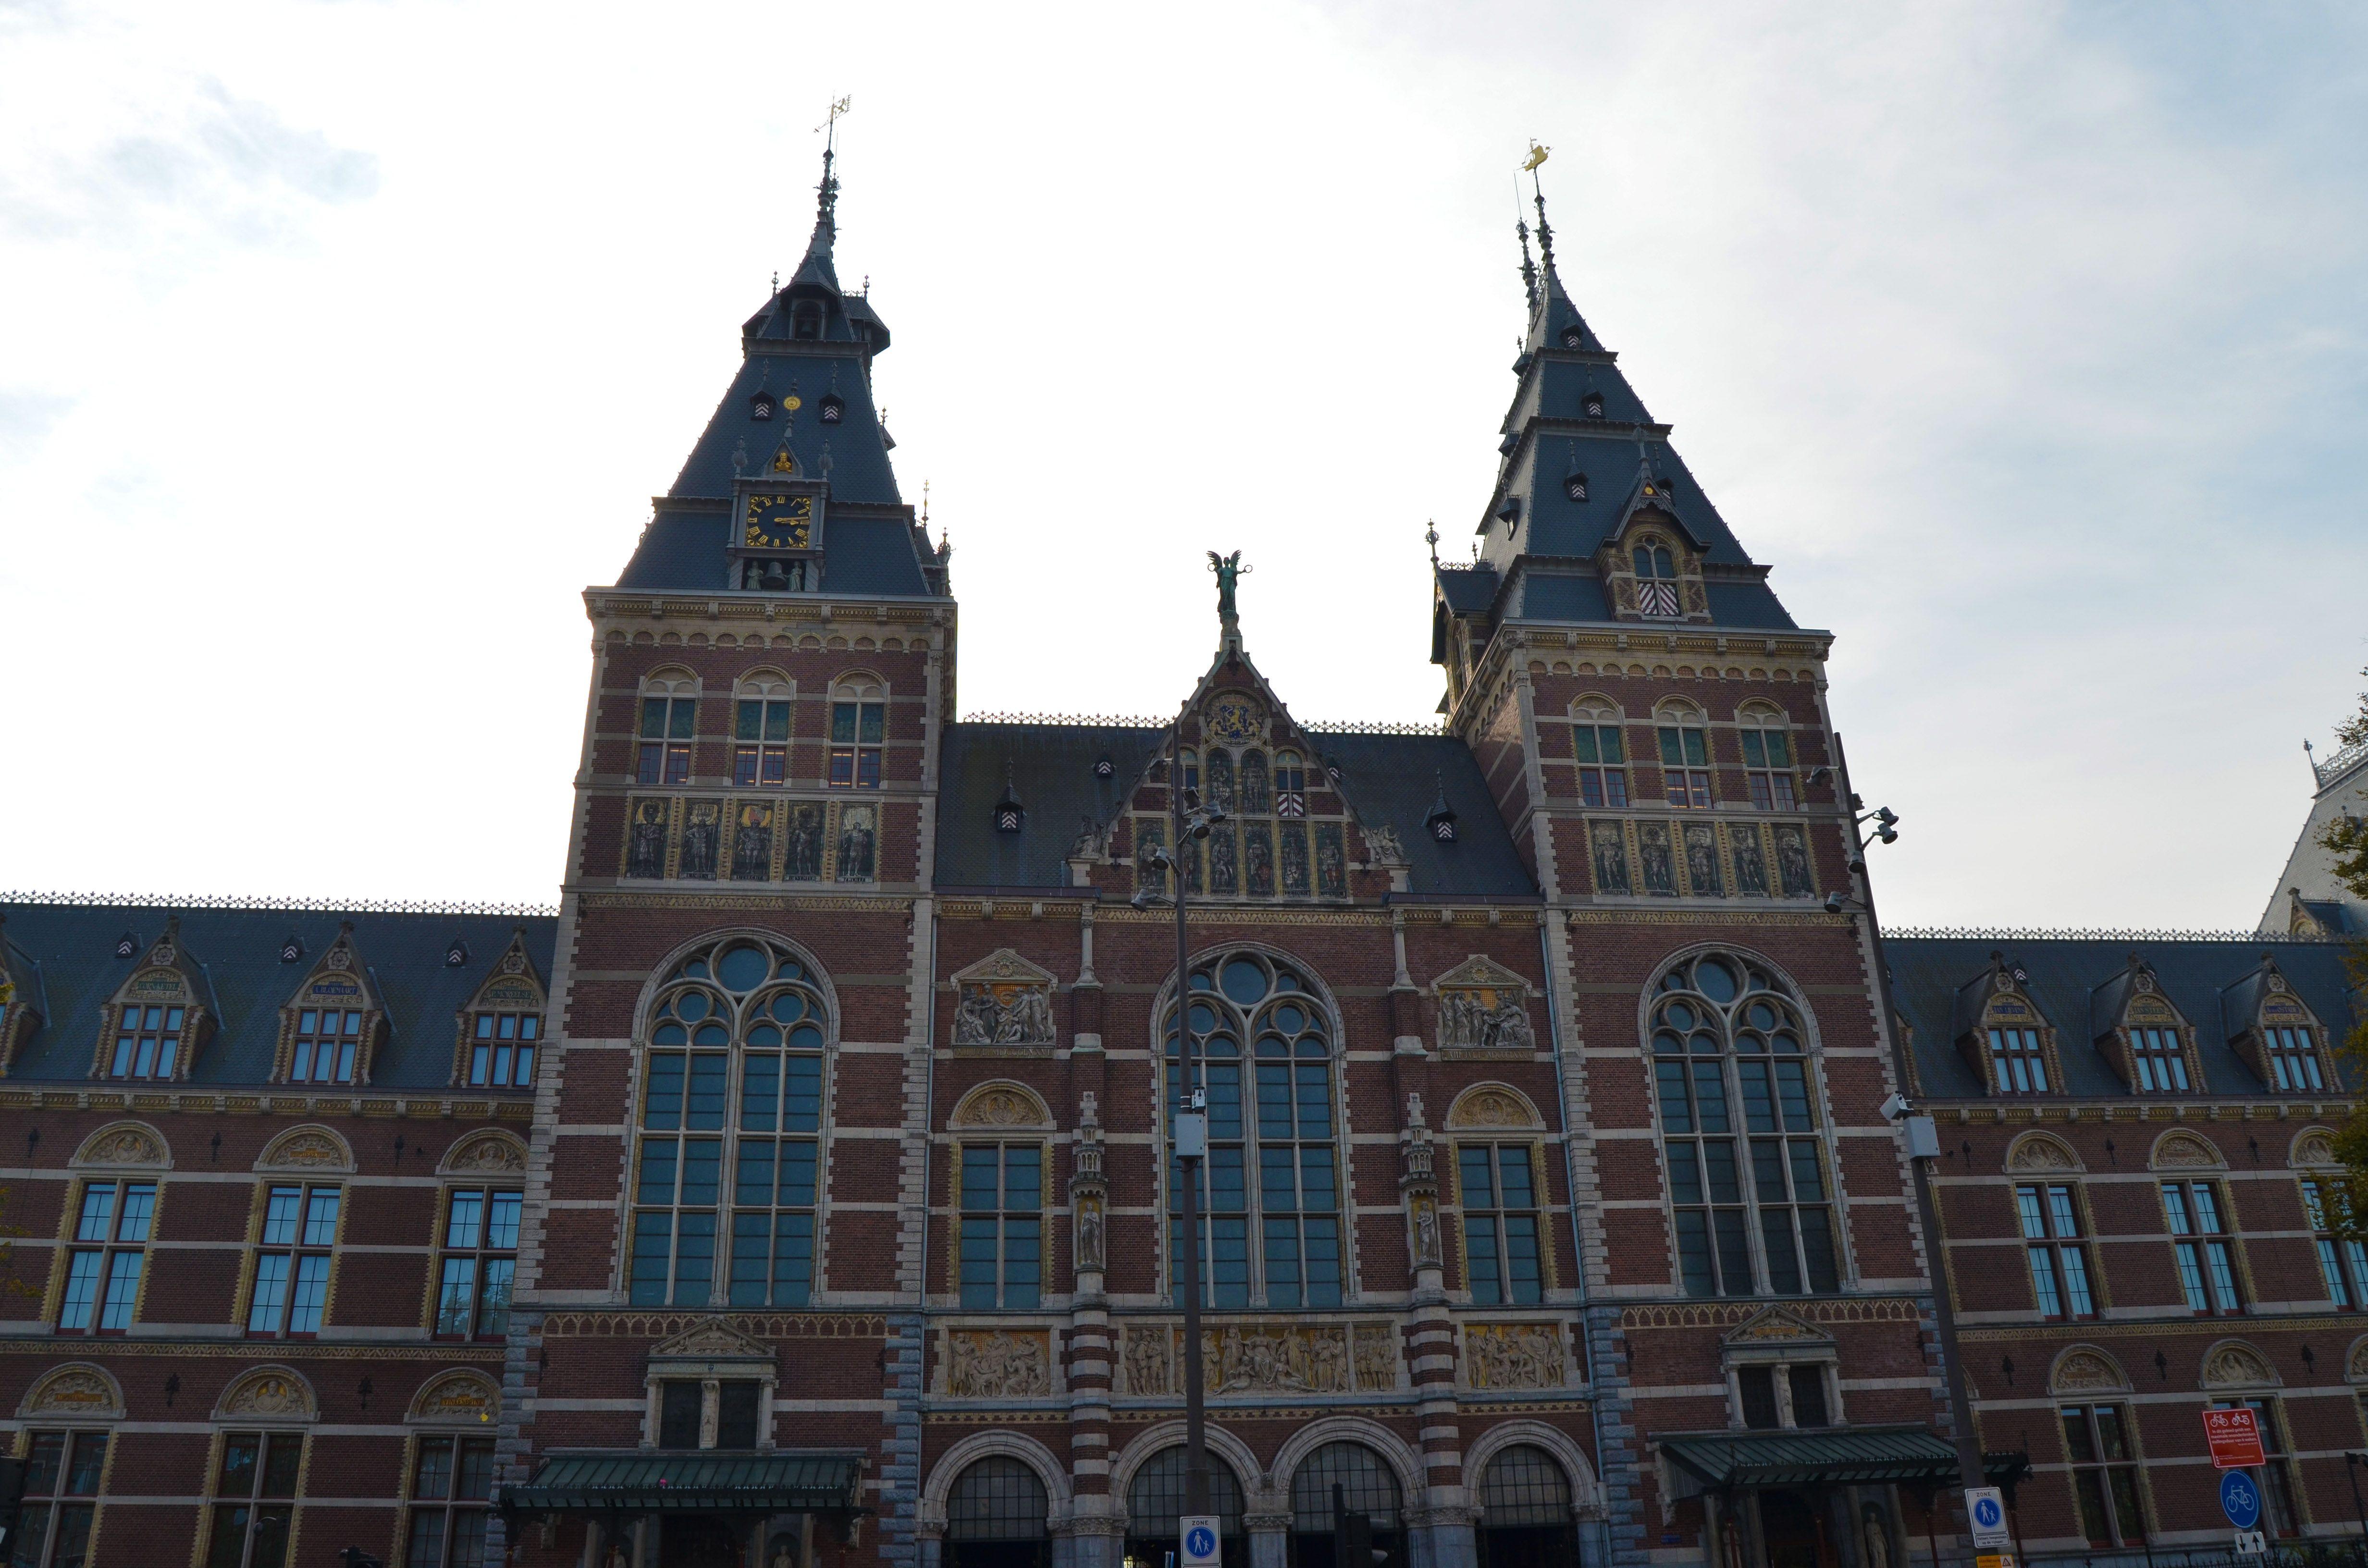 Museo de Obras Maestras de la Edad de Oro Neerlandesa